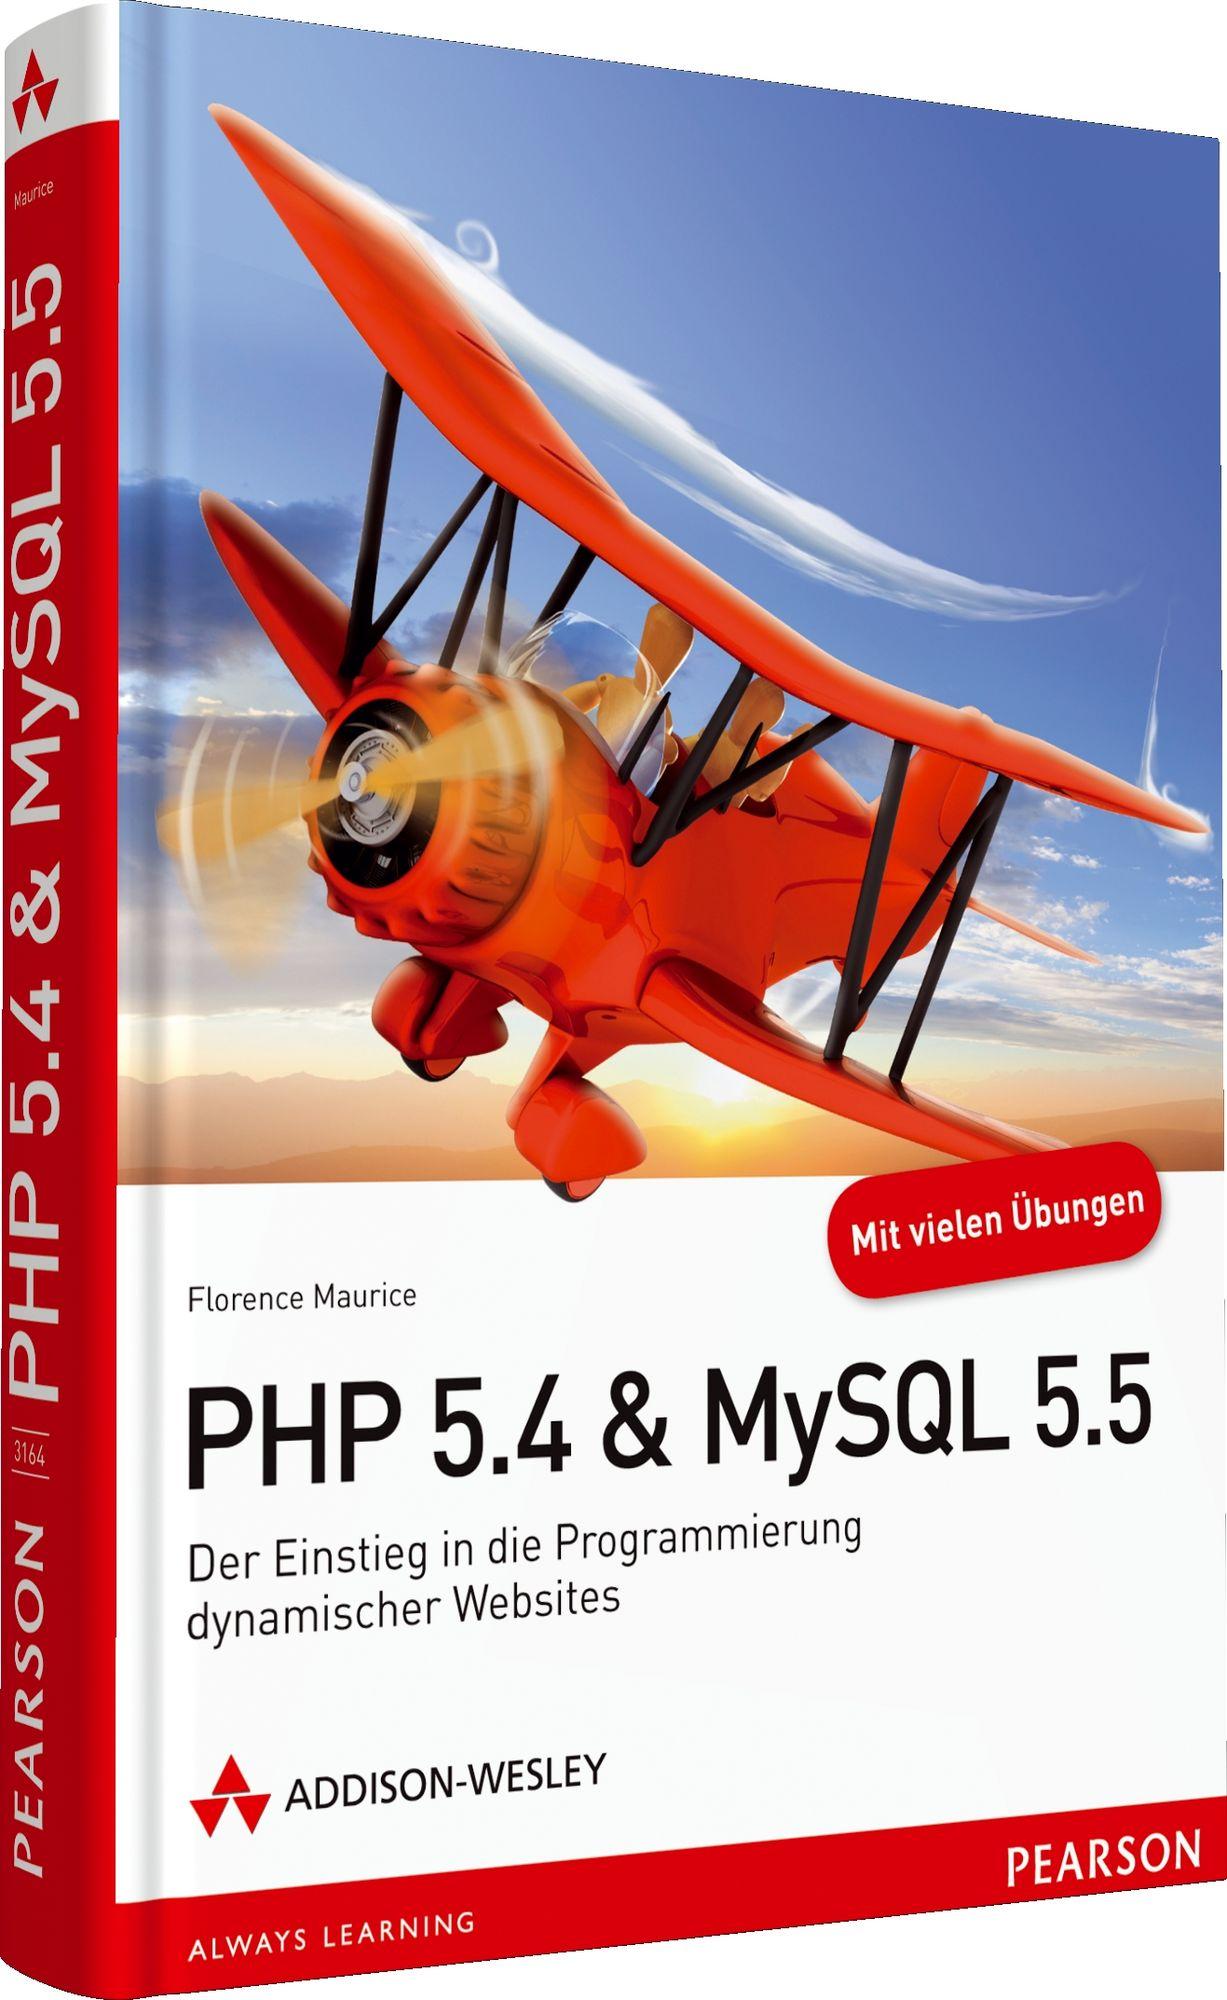 PHP 5.4 & MySQL 5.5: Der Einstieg in die Progra...